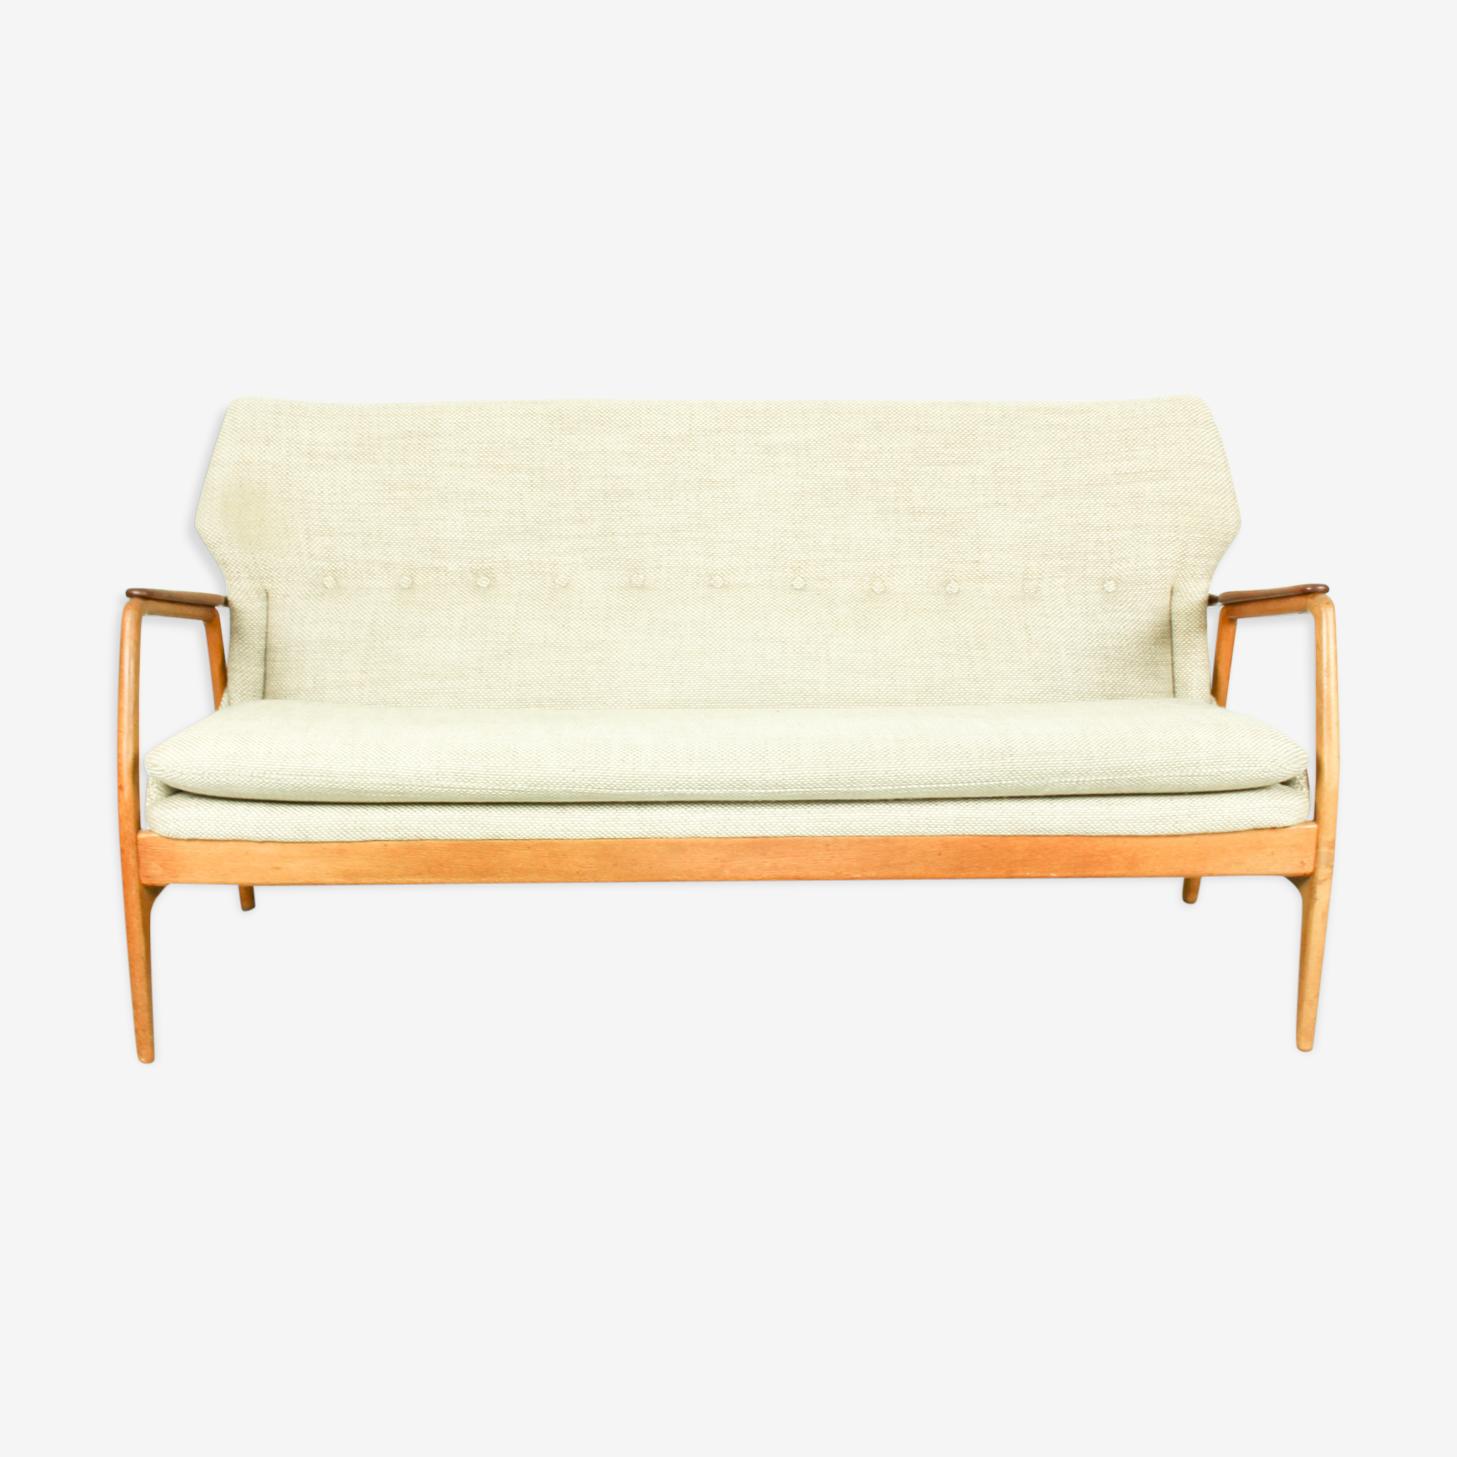 Sofa by Aksel Bender Madsen for Bovenkamp, 1950